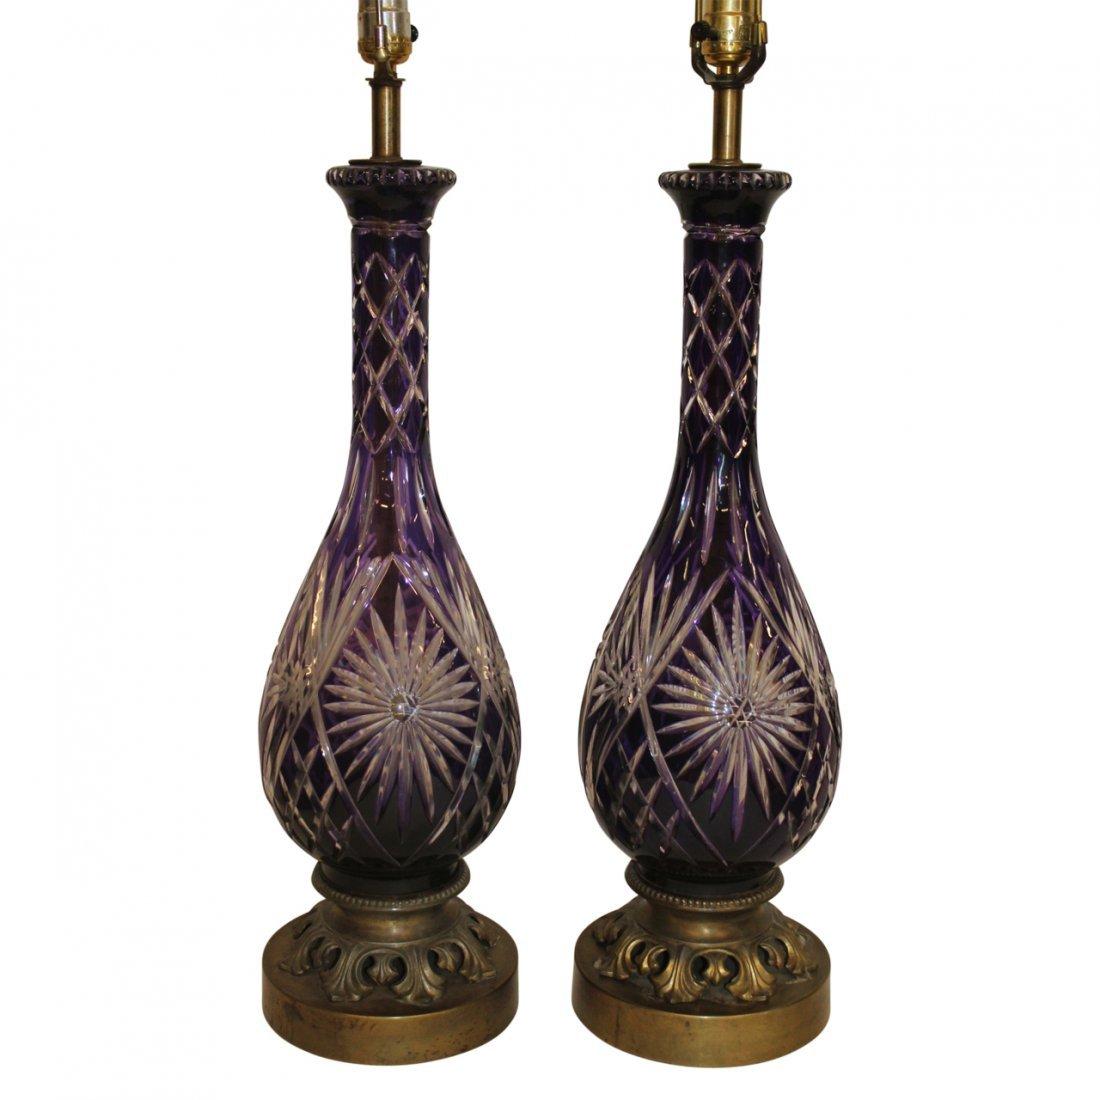 Pair Bohemian Cut Crystal Amethyst Table Lamps